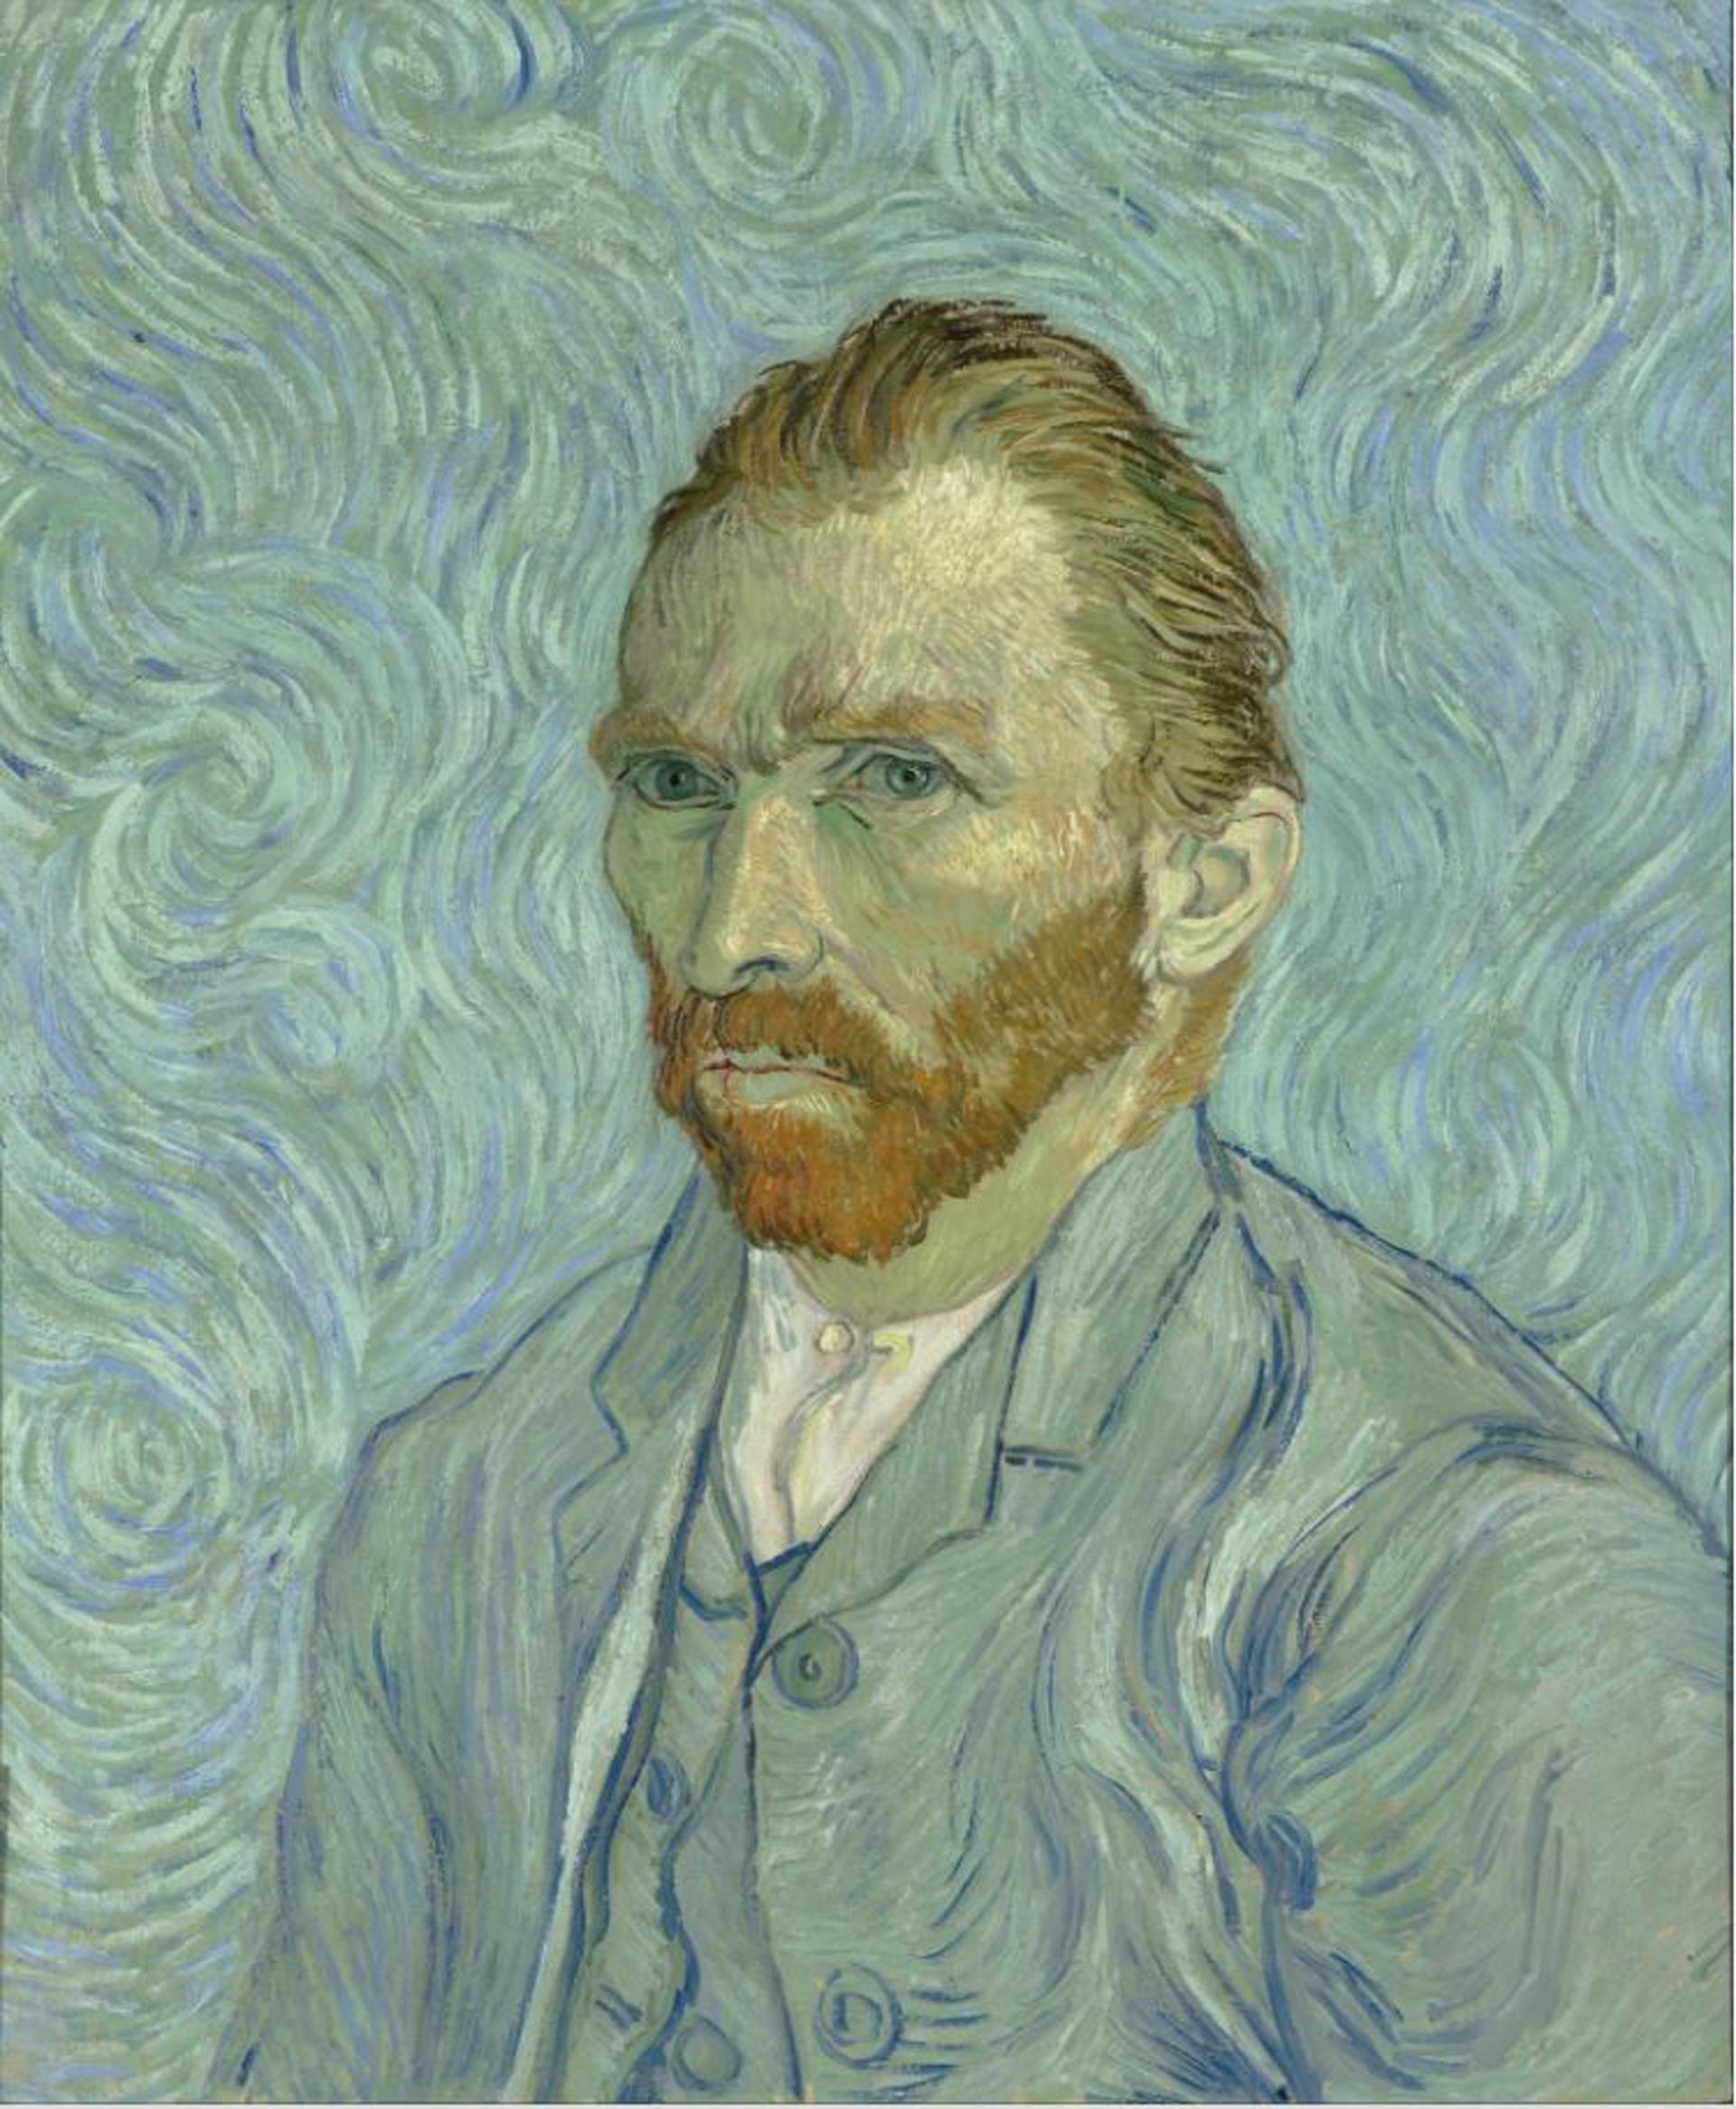 Autorretrato de Vincent Van Gogh en el Musée d'Orsay, París